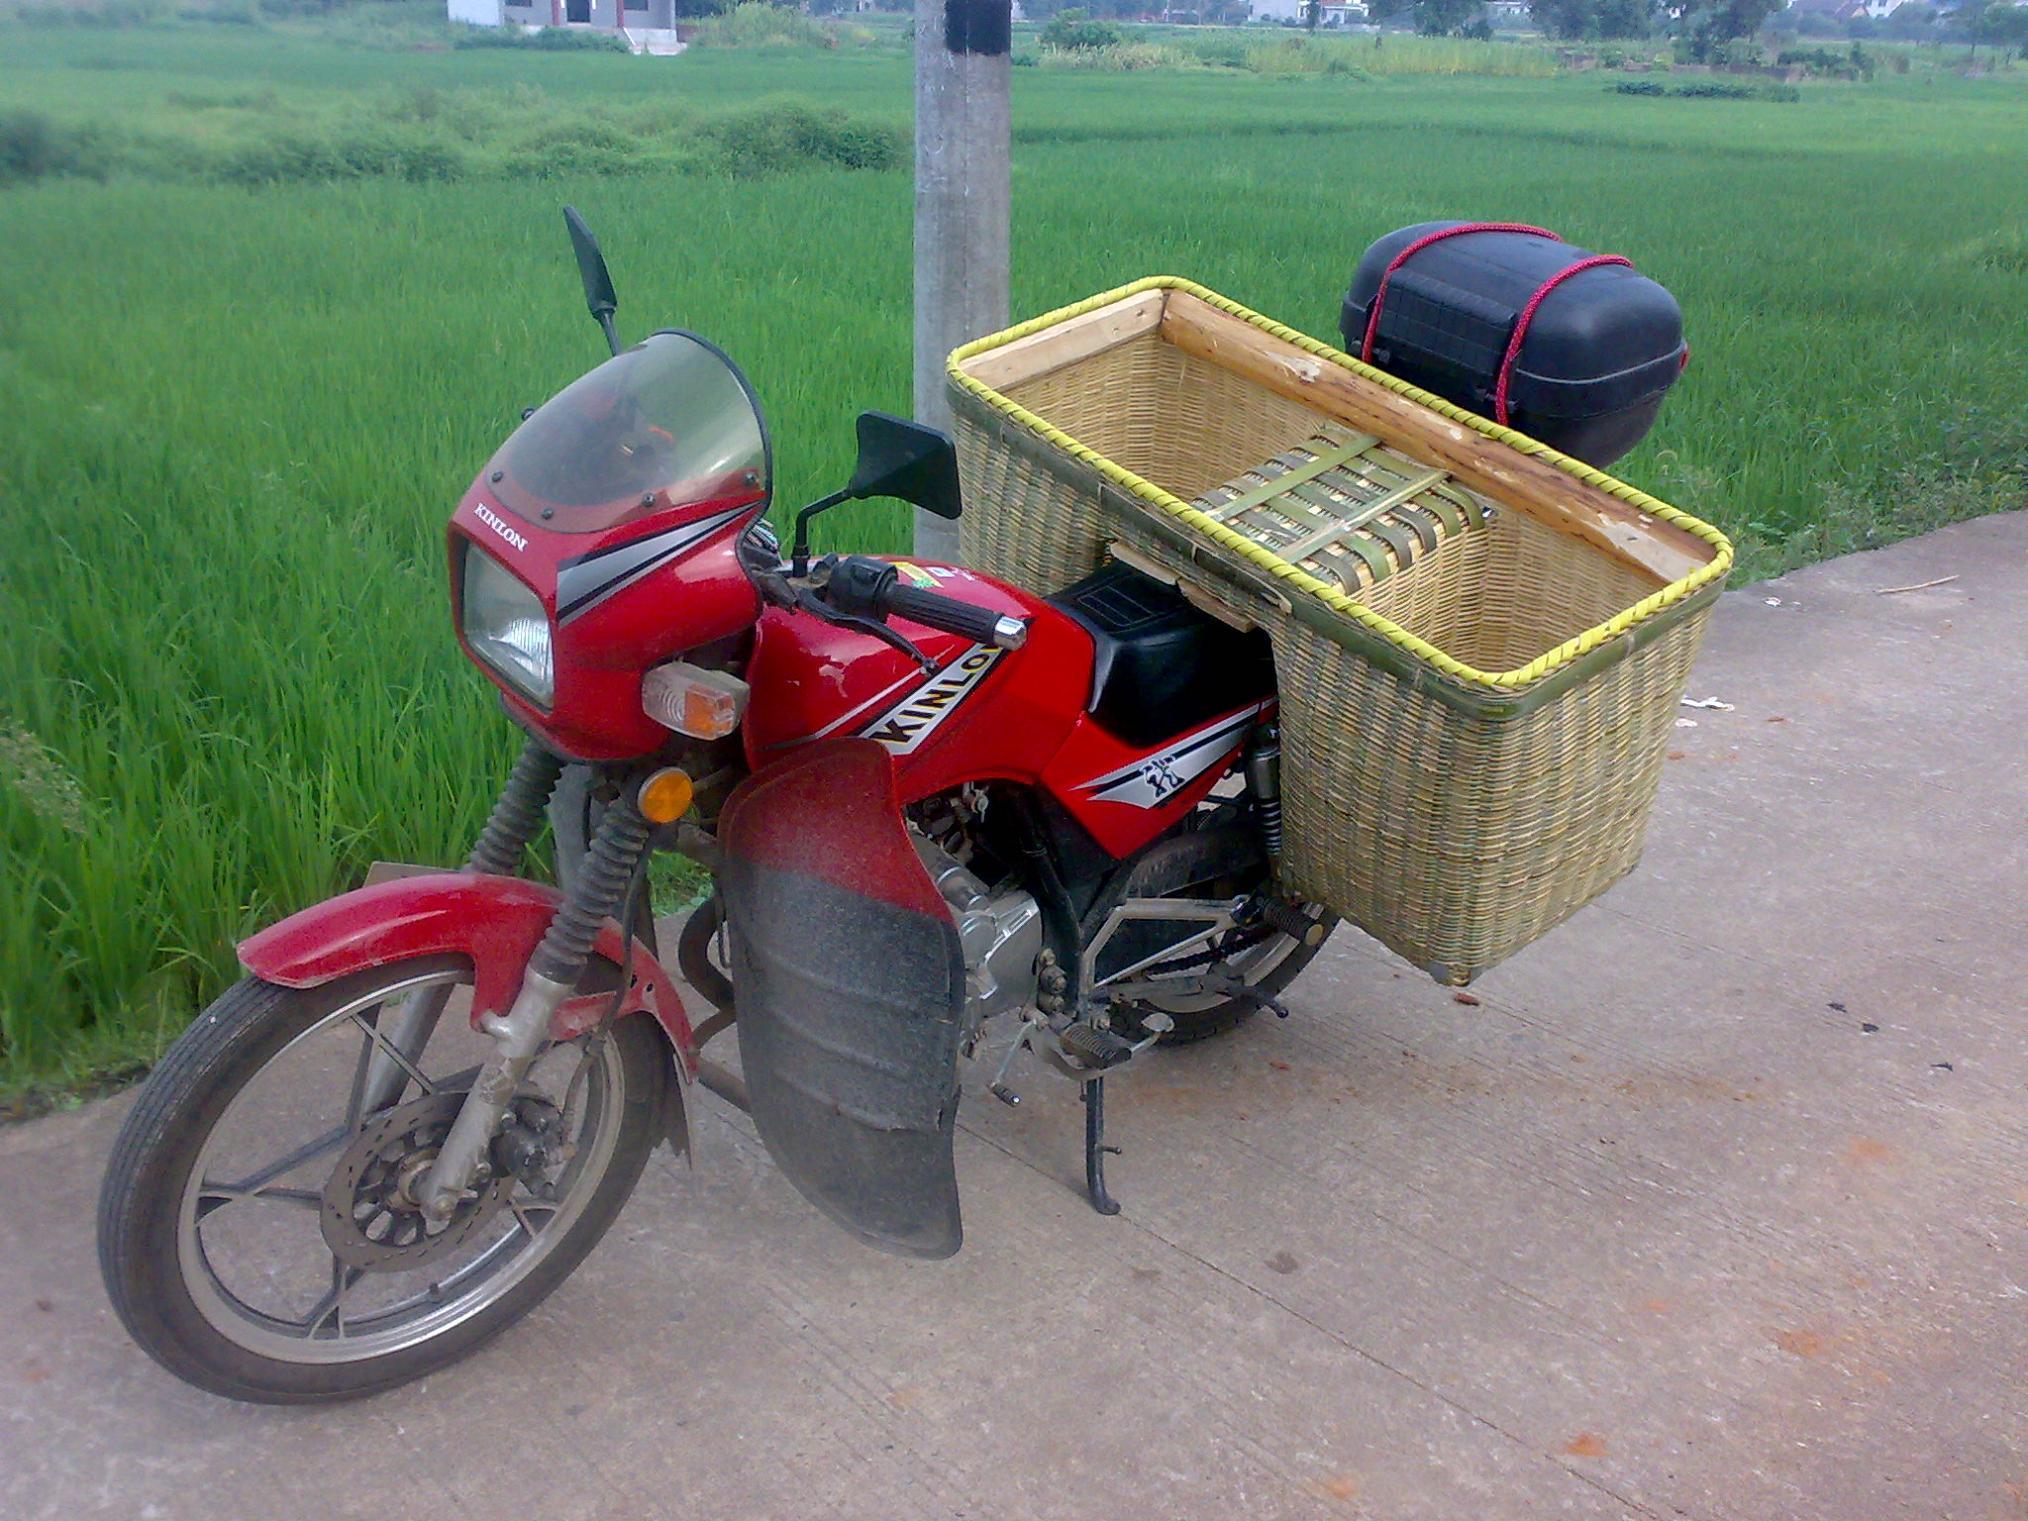 摩托车篮v竹篮竹篮篮篮子竹篓子竹背篓单车发型设计泗阳图片